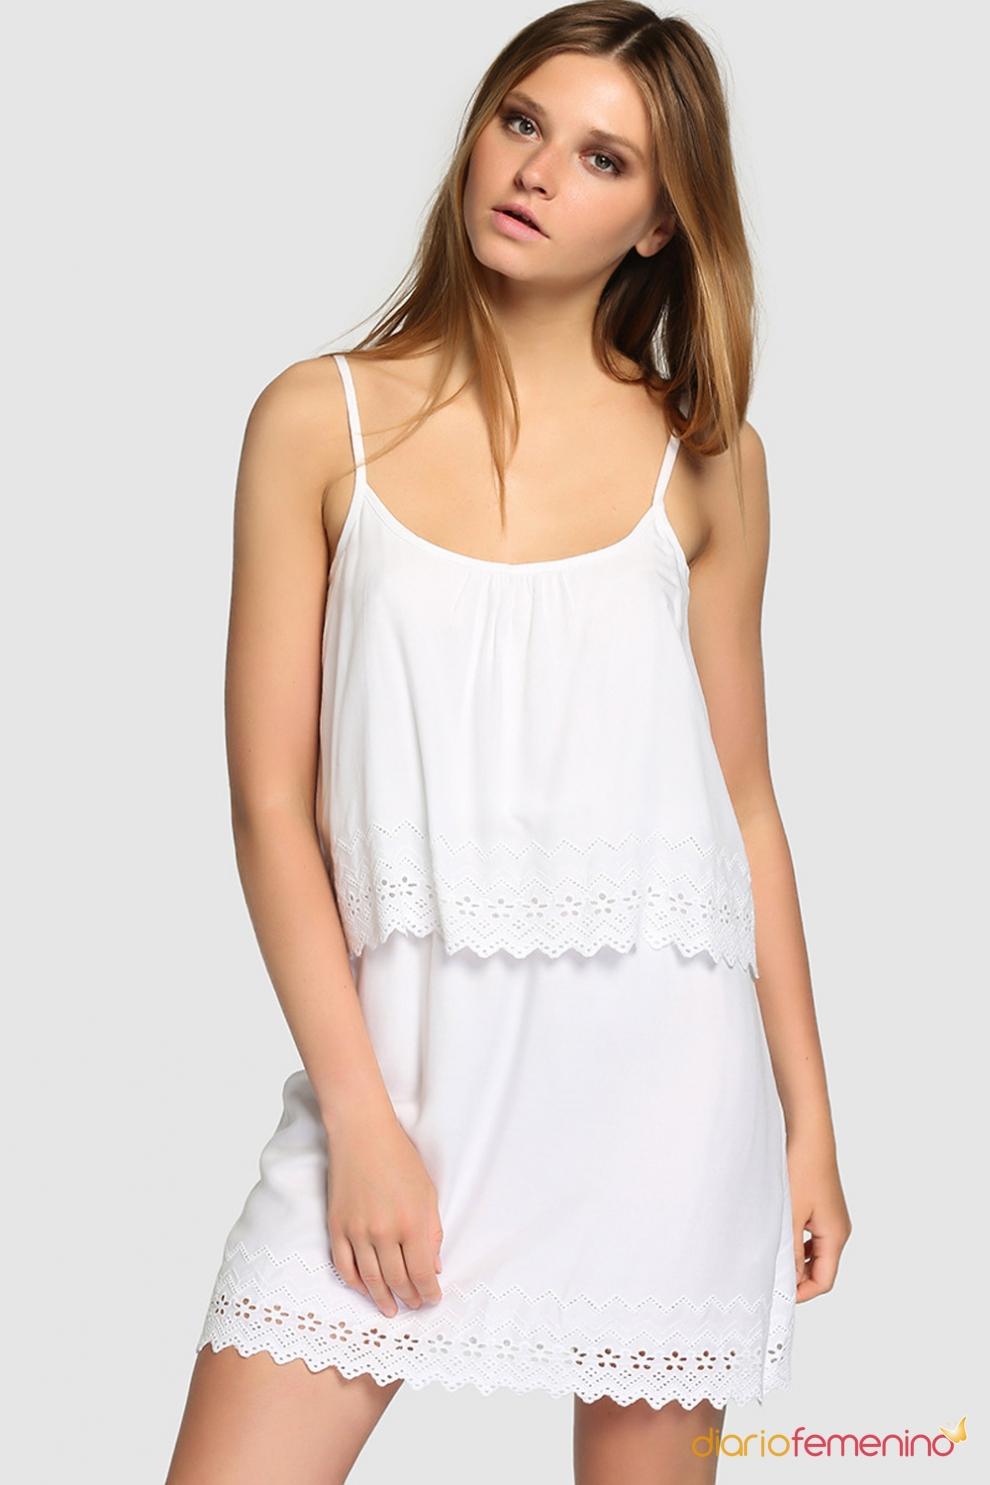 Caballa de vestido blanco en la fiesta - 2 part 4